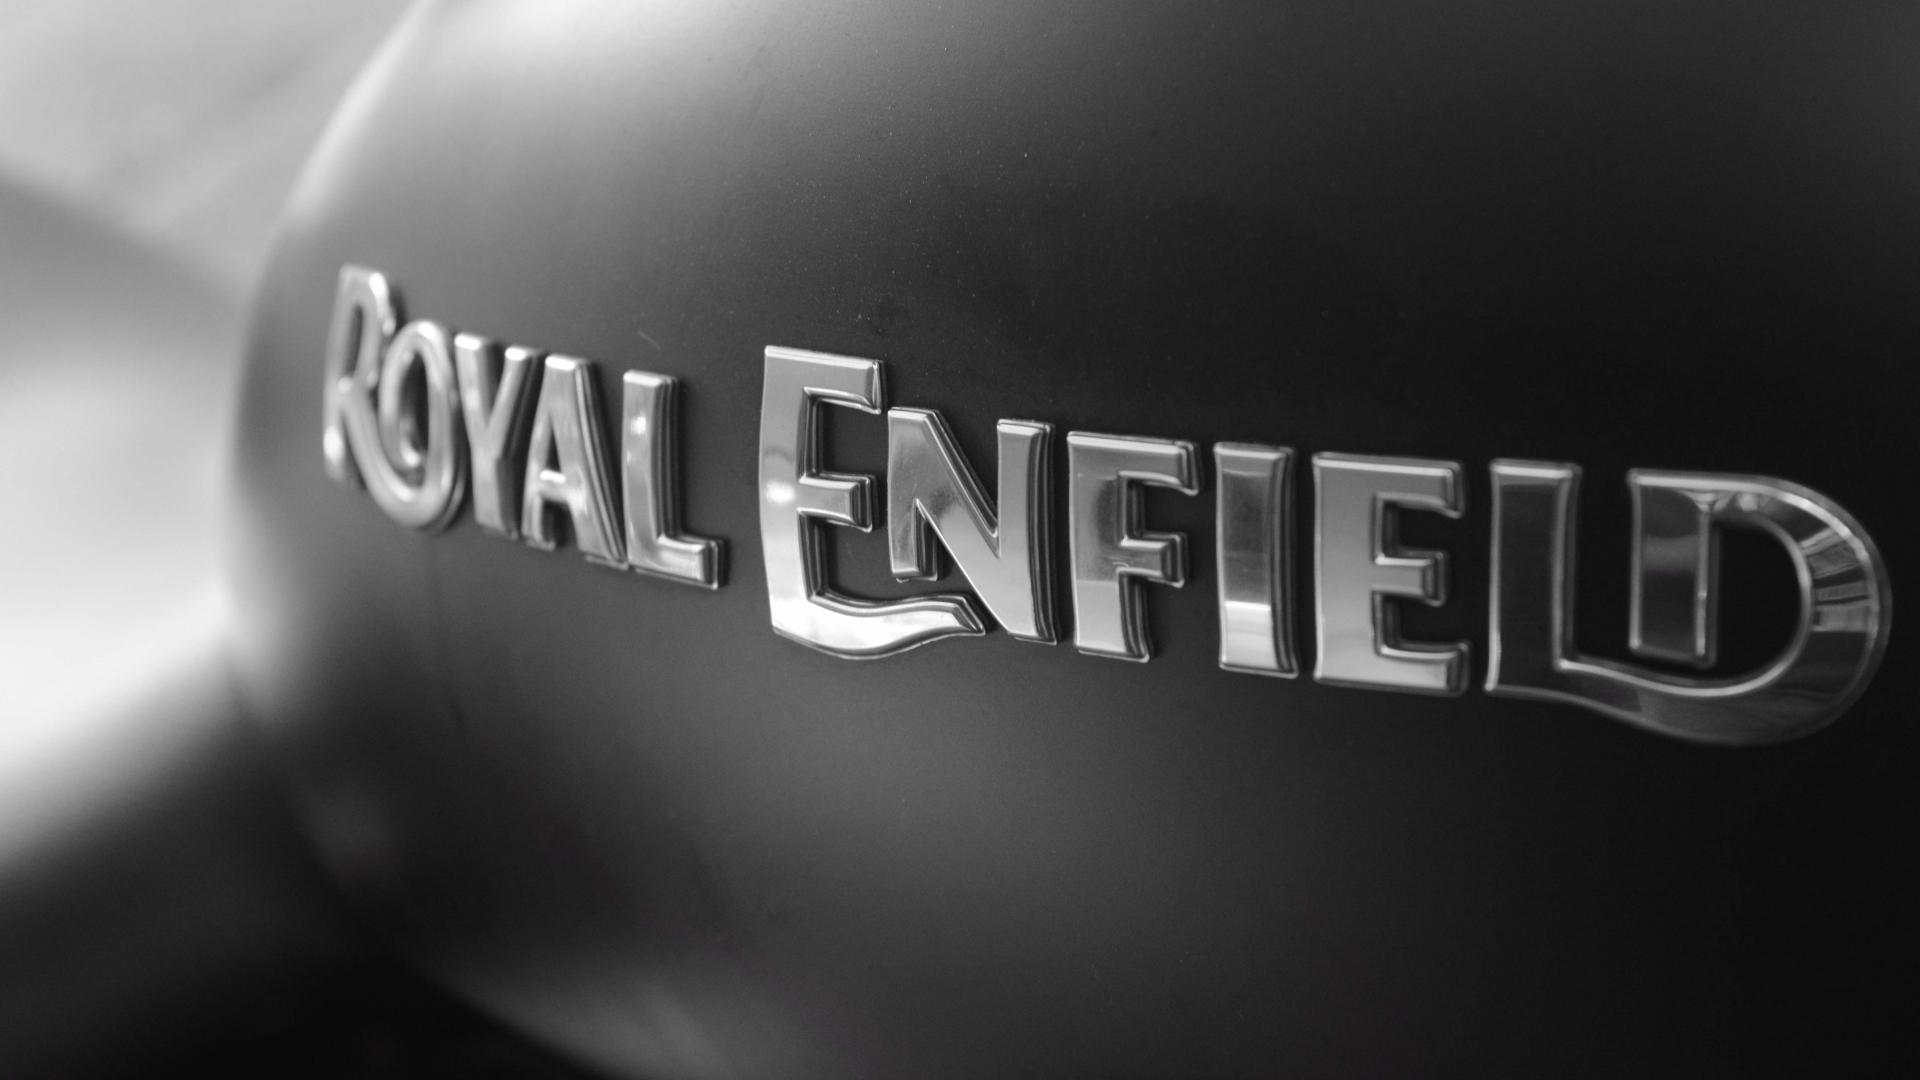 Download 1920x1080 Wallpaper Bike, Bullet, Royal Enfield ...